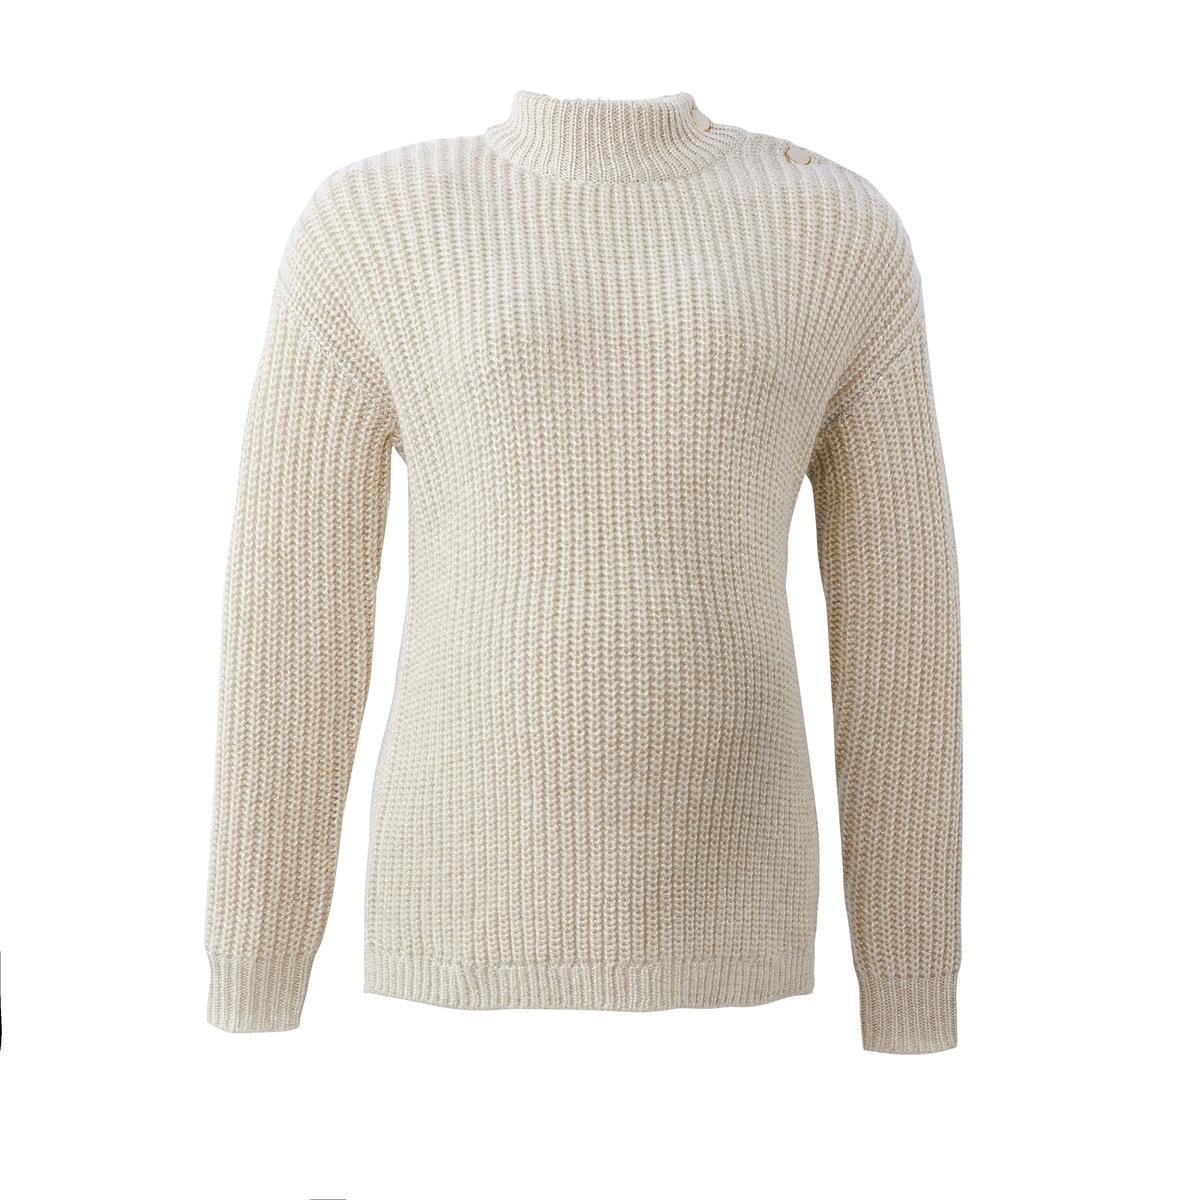 Пуловер La Redoute Для периода беременности с воротником-стойкой из плотного трикотажа S белый платье la redoute из трикотажа для периода беременности s другие